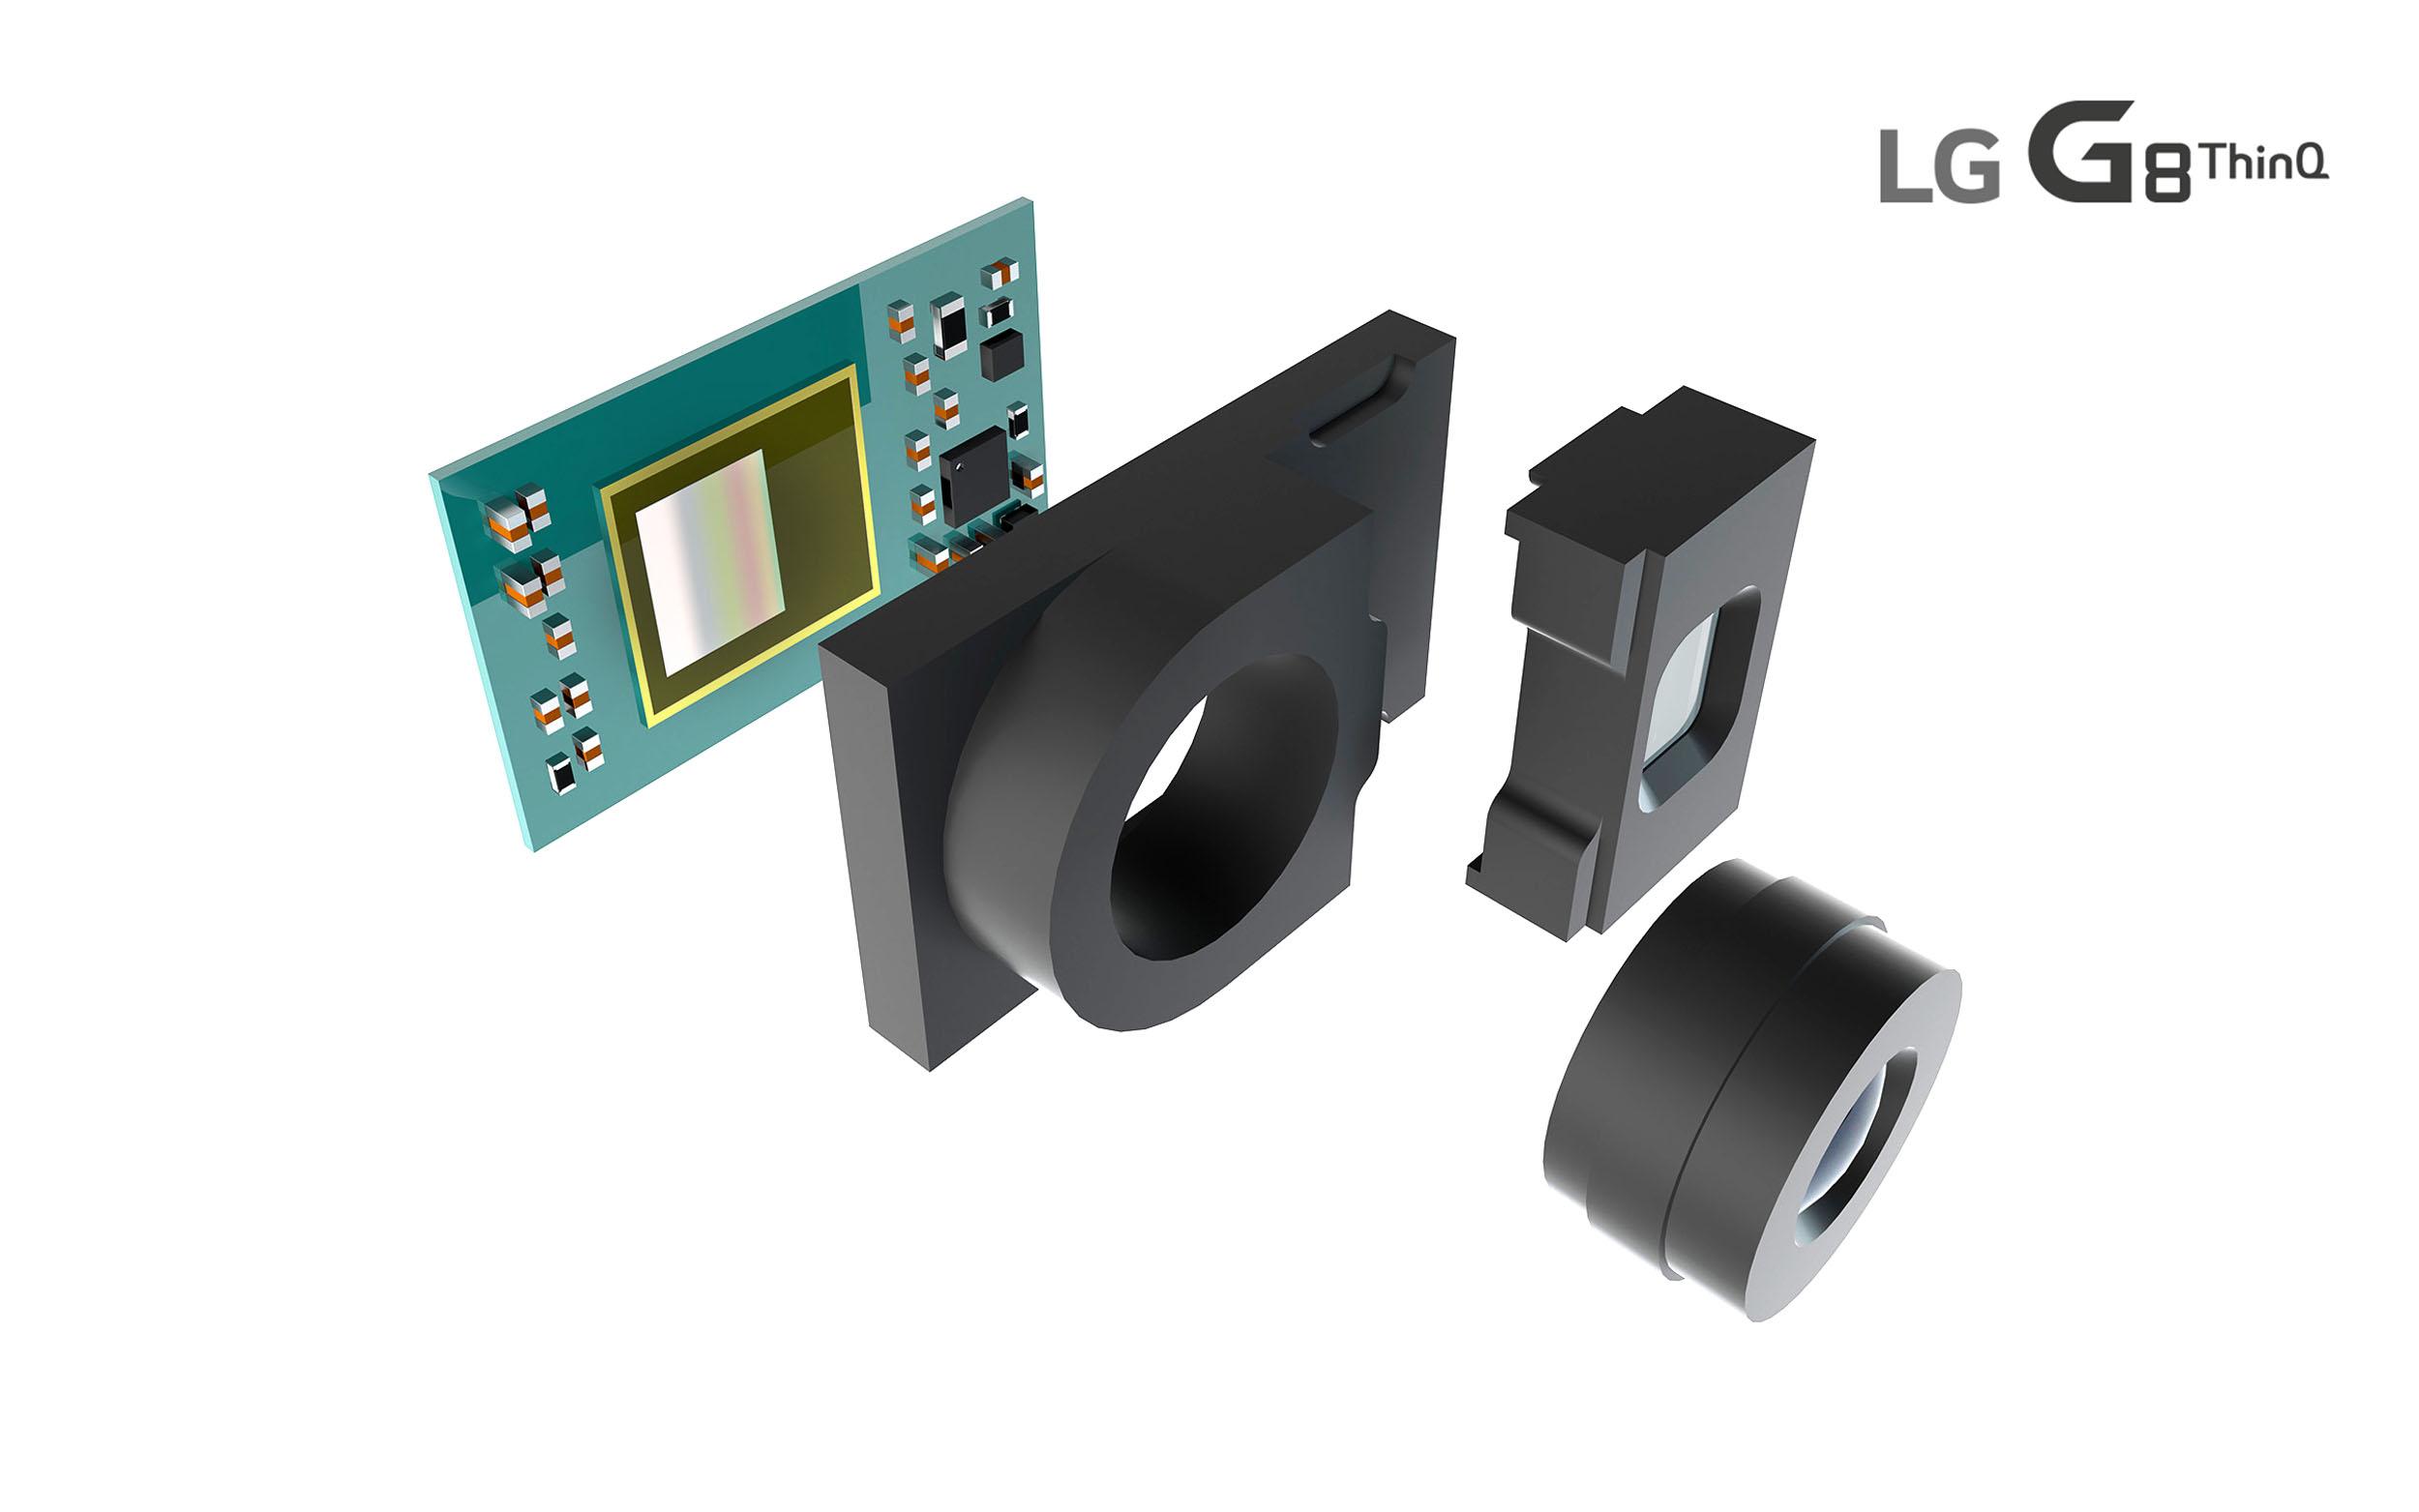 獨 반도체업체와 협업해 LG G8 <sup>ThinQ</sup>에 최첨단 3D센서 탑재한다